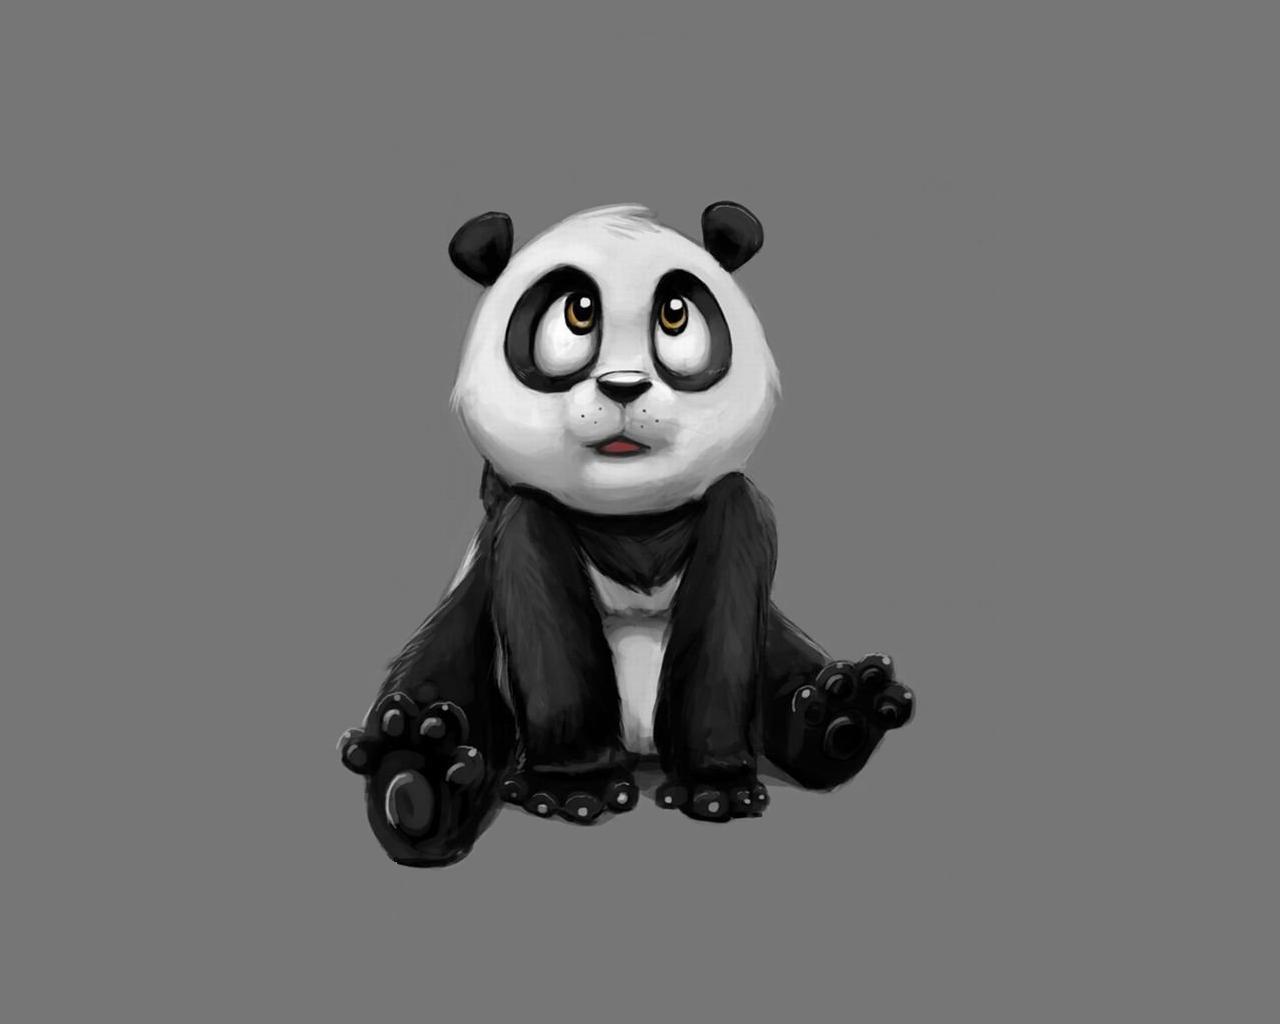 fondos de pantalla oso pandas animación descargar imagenes